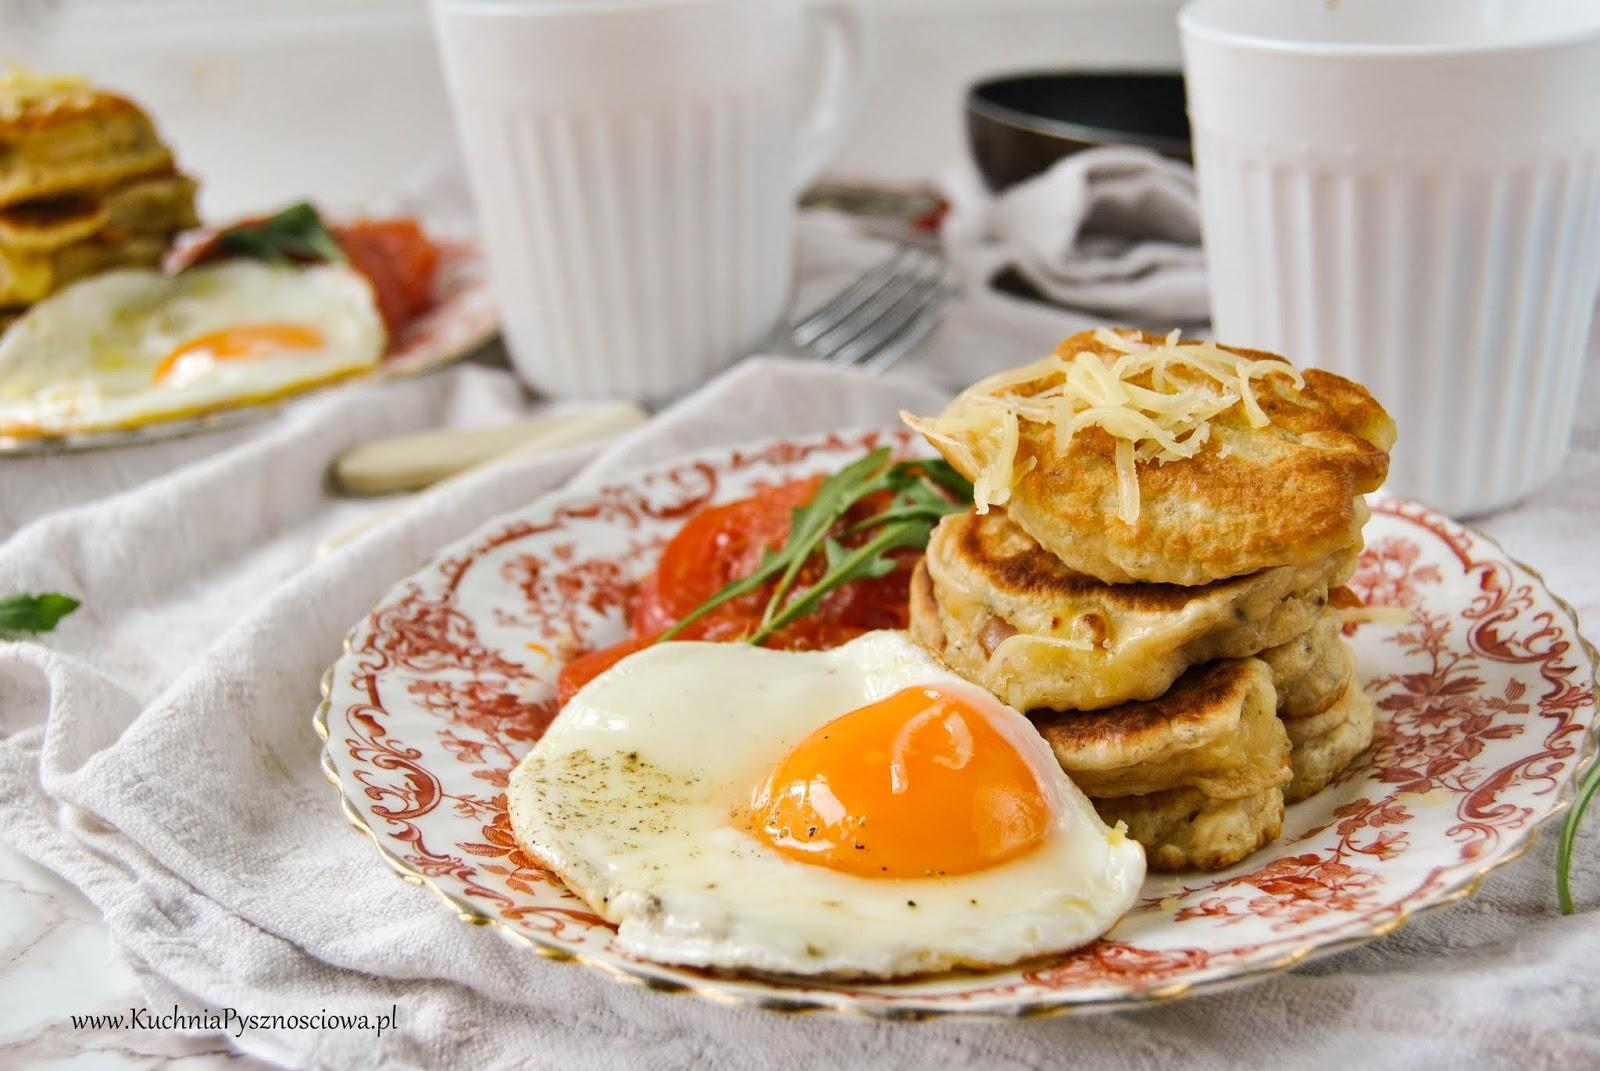 728. Wytrawne pancakes z serem cheddar i szynką